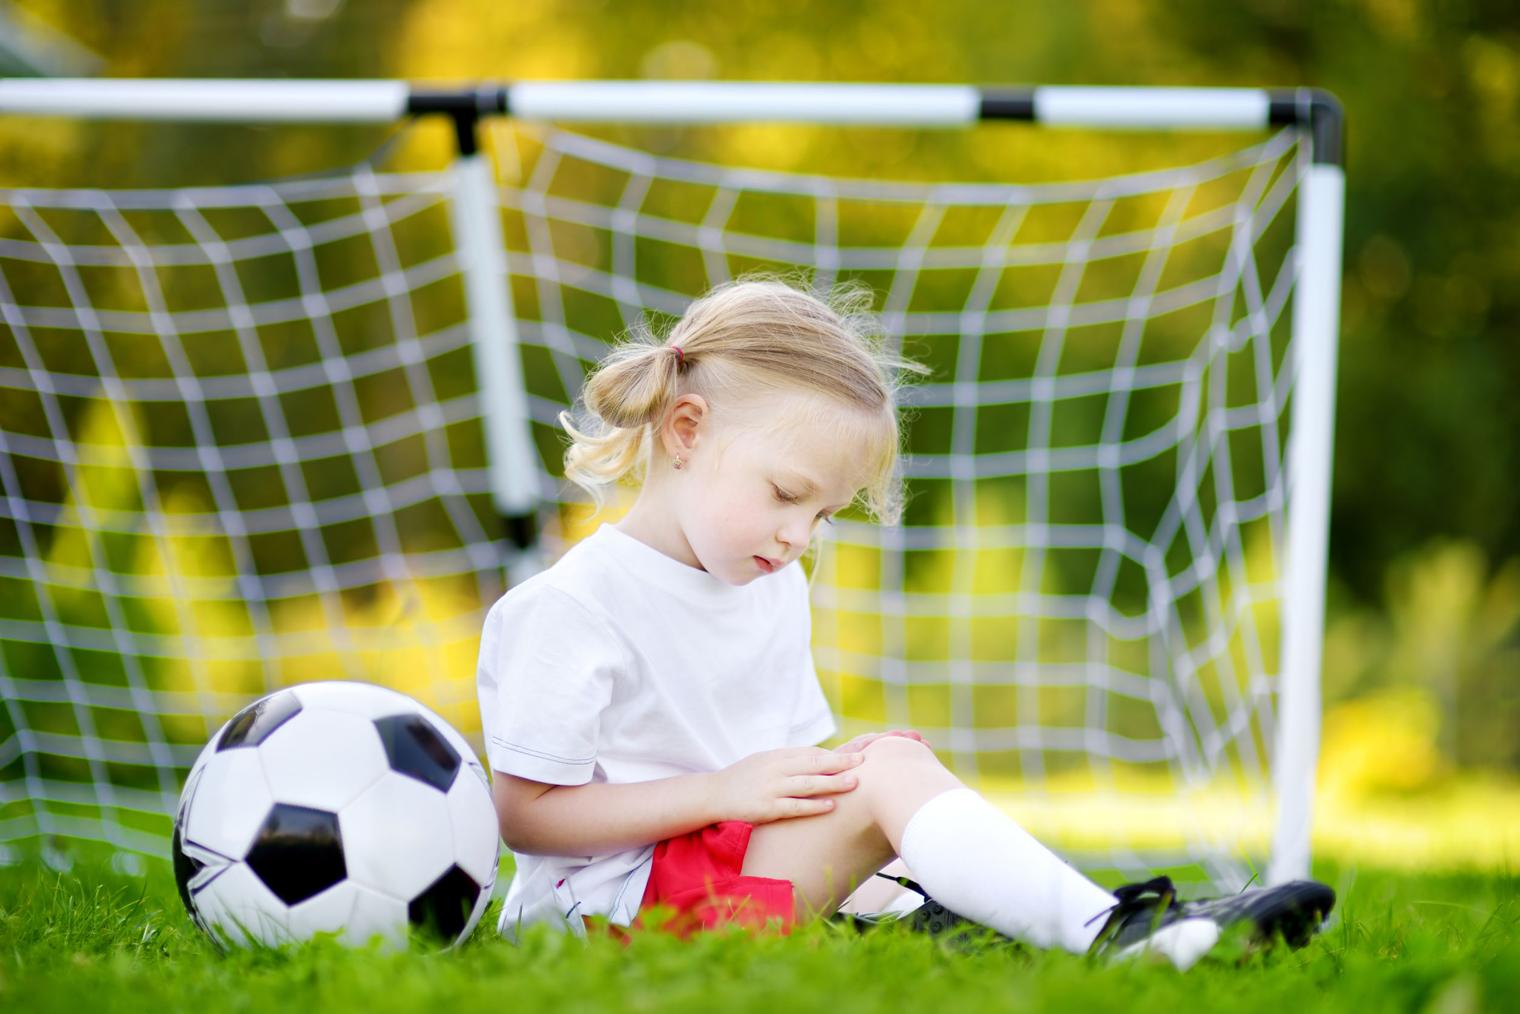 Les bons réflexes si votre enfant se blesse